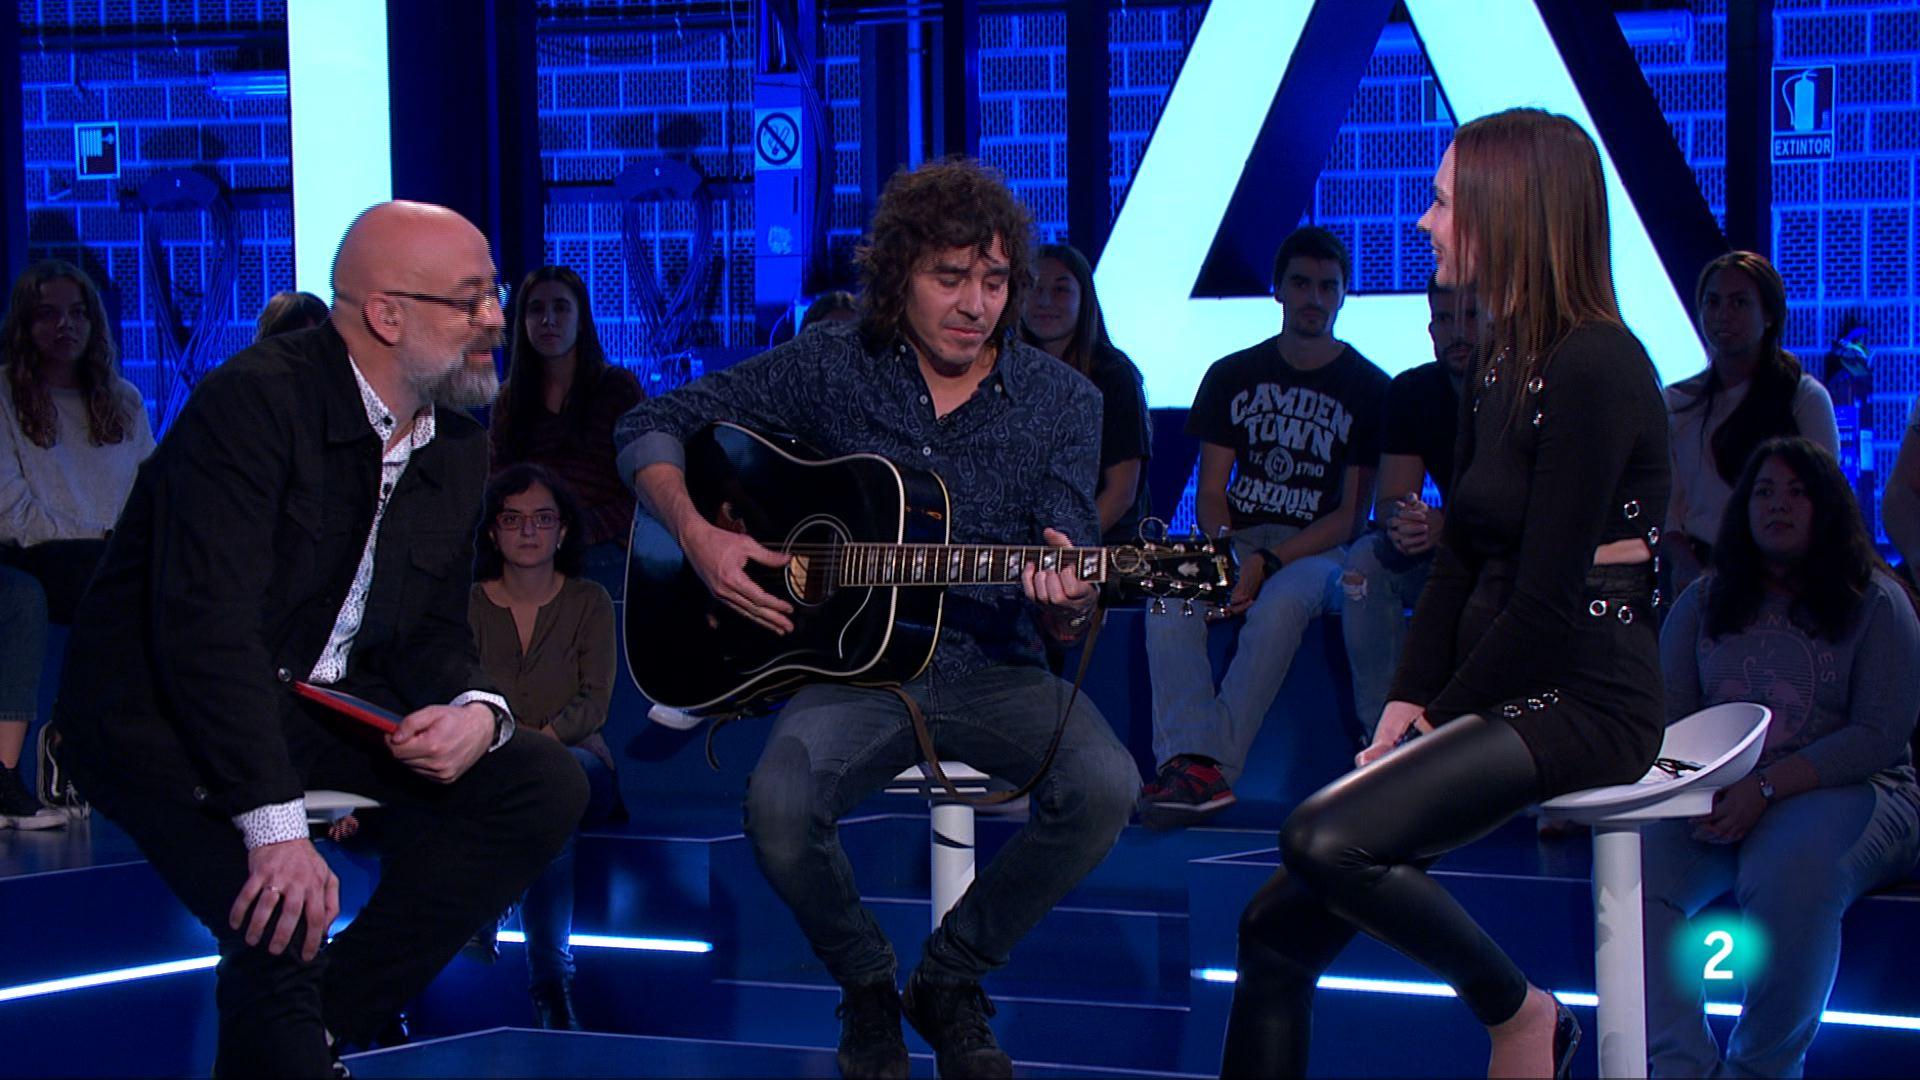 Así empieza 'Órbita Laika' con el compositor, cantante y guitarrista Rubén Pozo